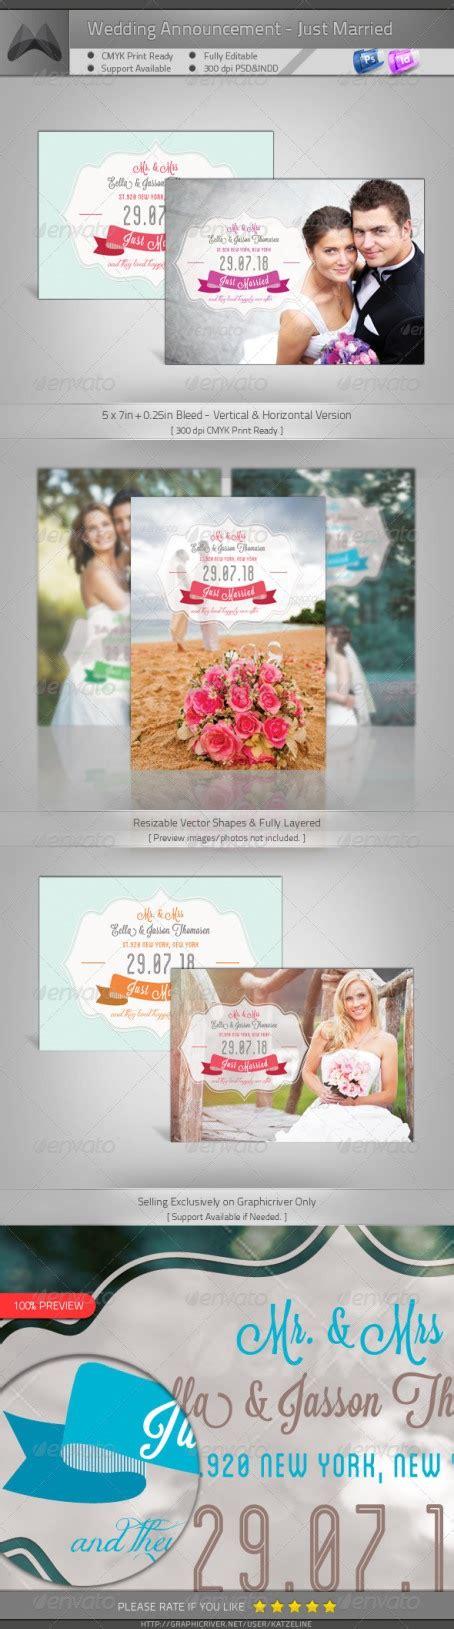 desain undangan pernikahan terbaik desain undangan pernikahan terbaik template